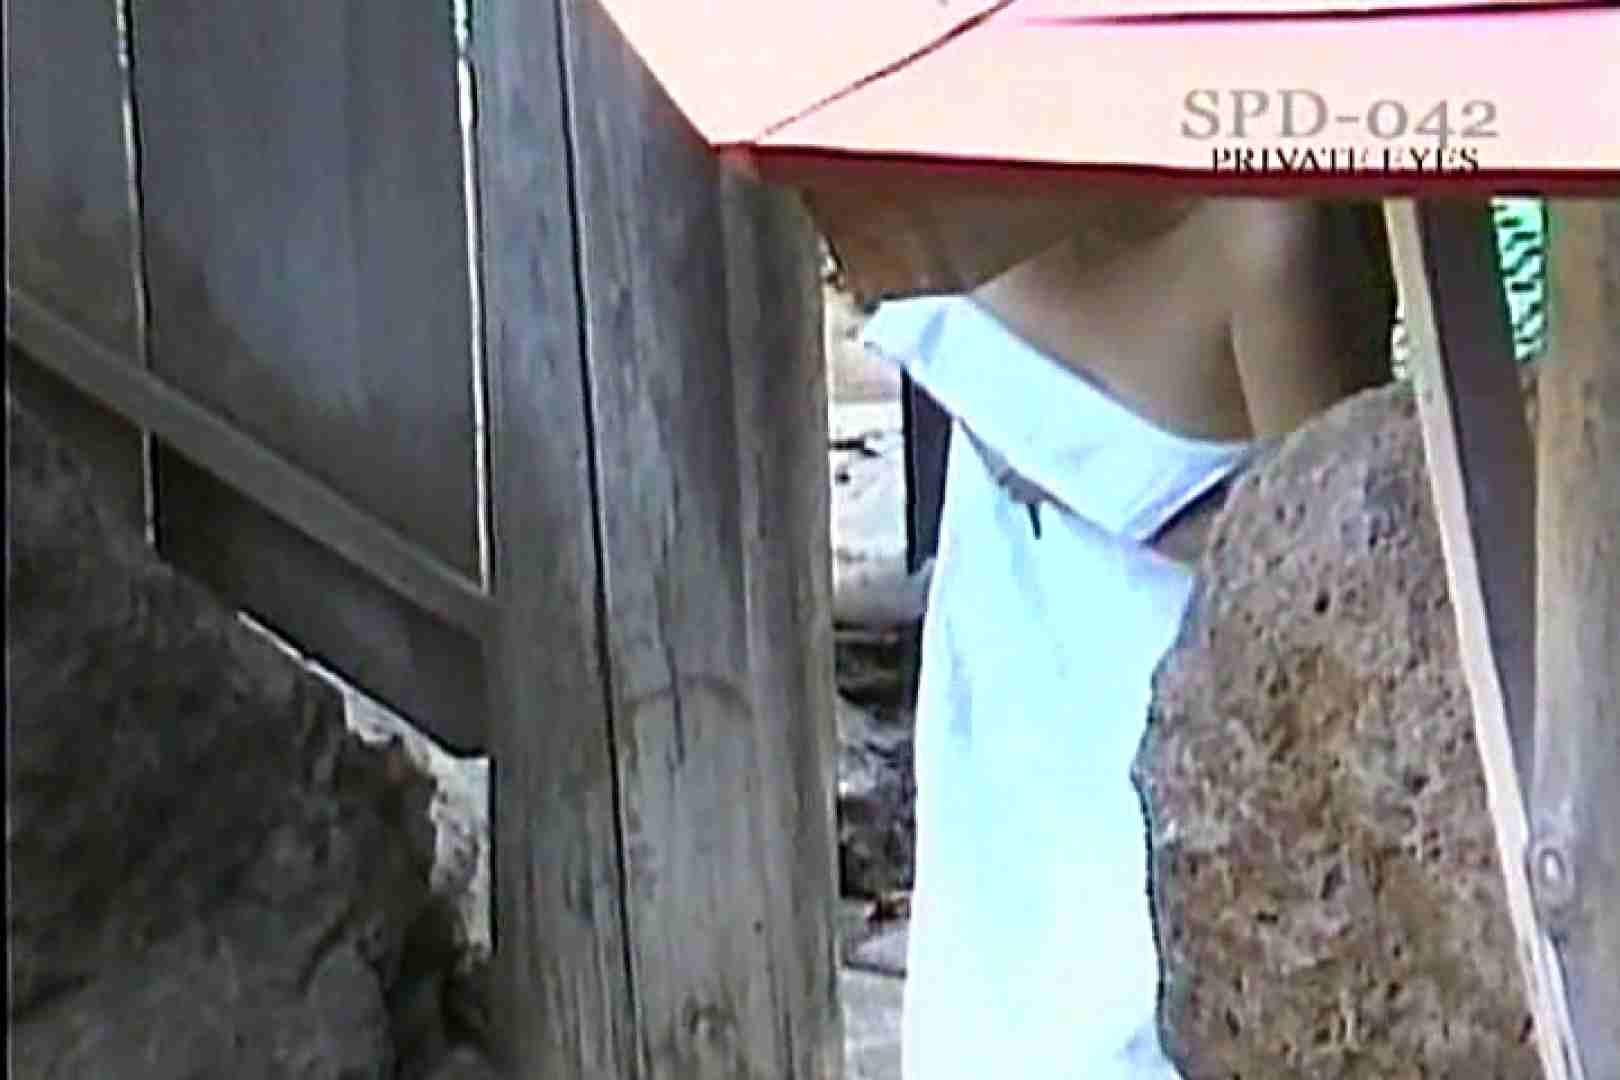 高画質版!SPD-042 新・潜入露天(七番湯) 名作映像 盗み撮り動画 108PIX 89